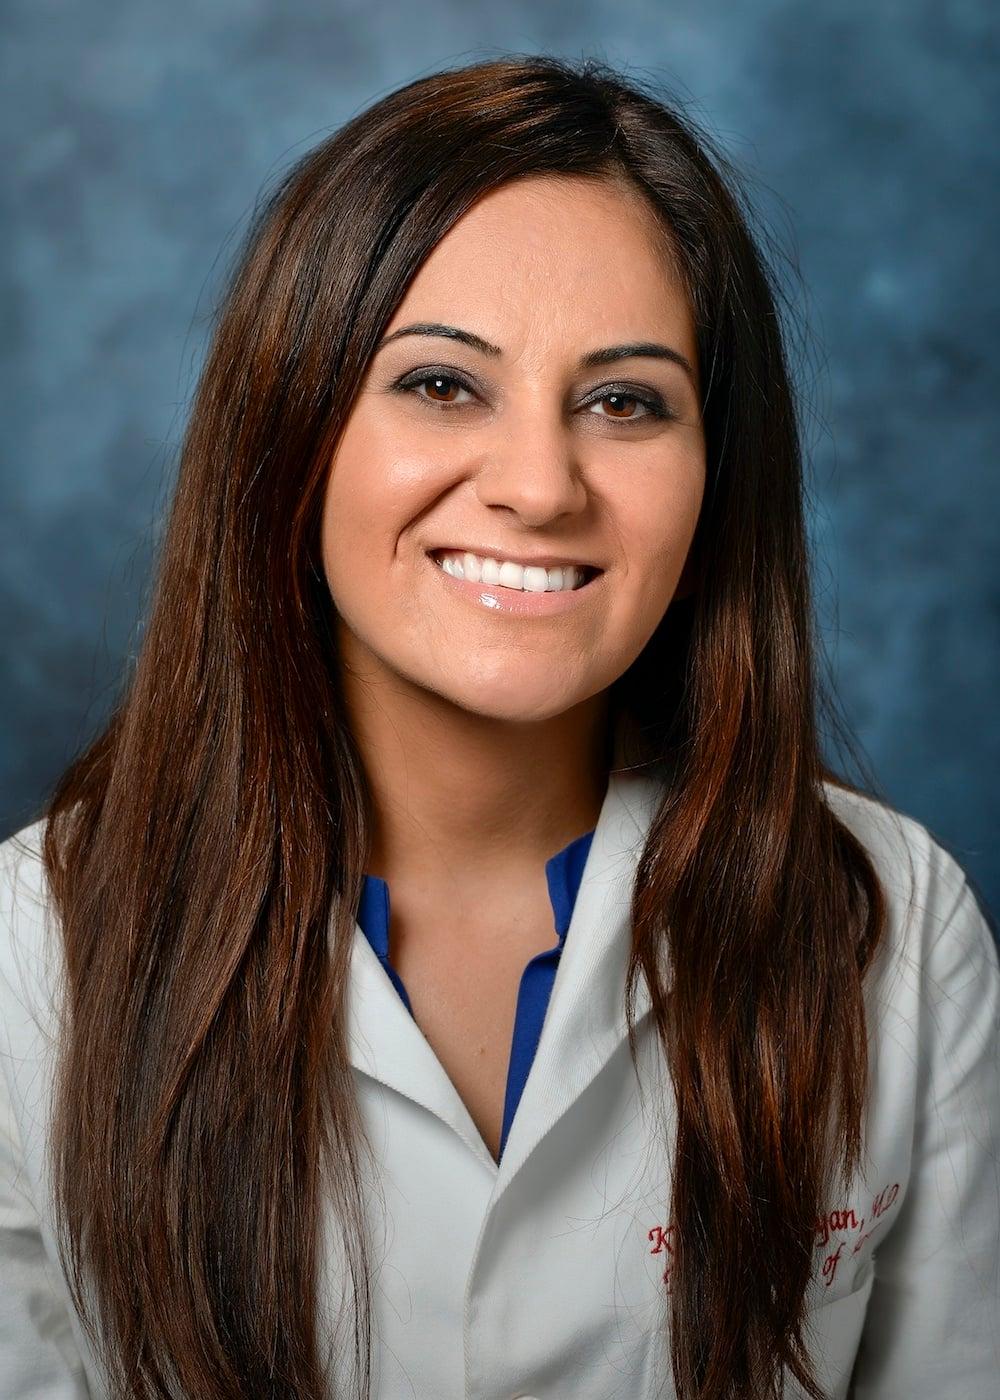 Dr. Karen N Zaghiyan MD